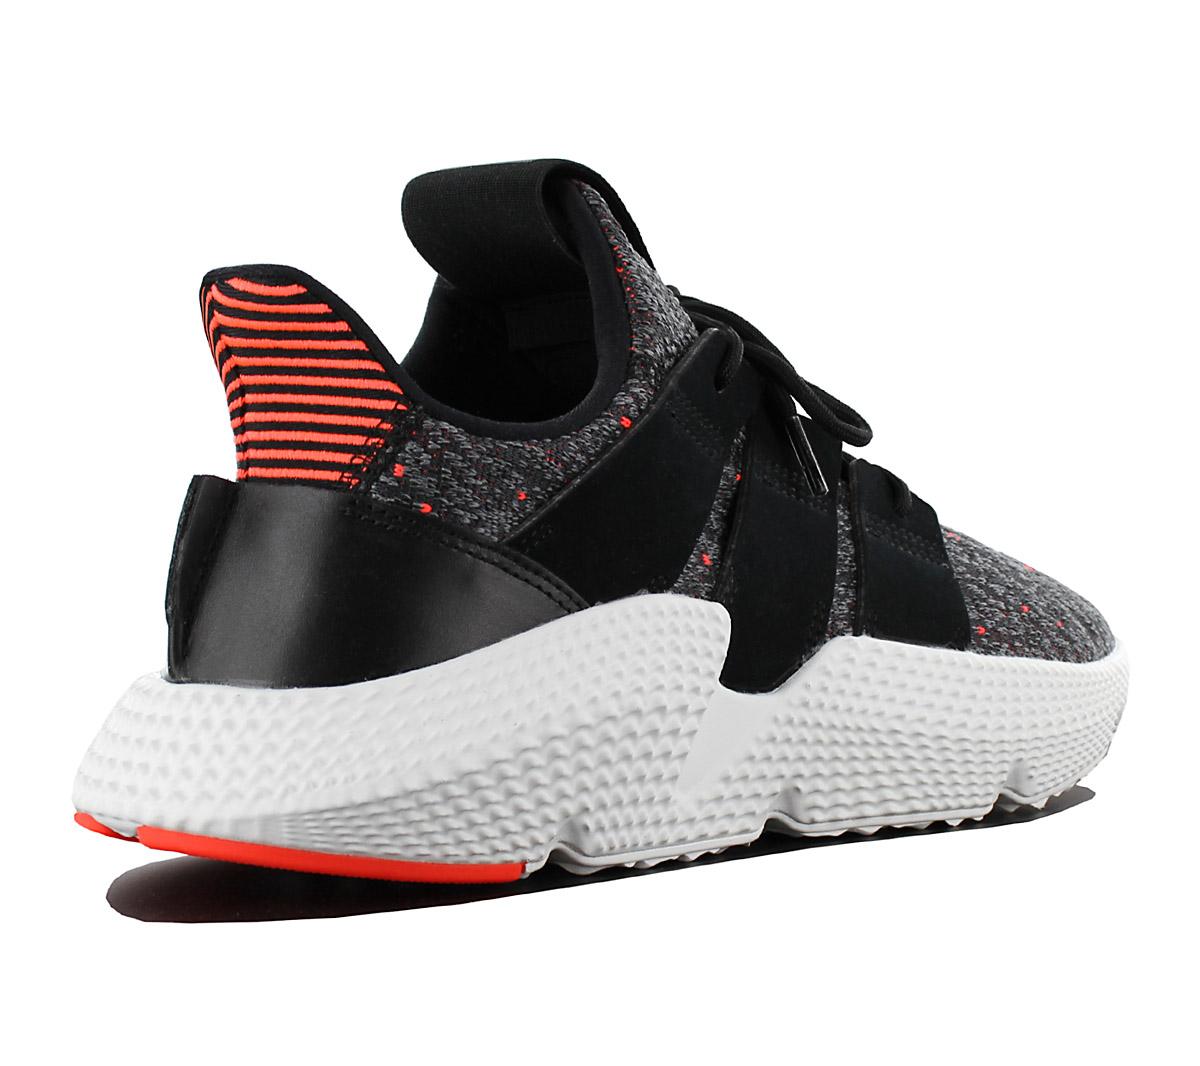 Adidas Originals Prophere Sneaker Mens Shoes Trainers Black New ... 7cd7ce2e0e